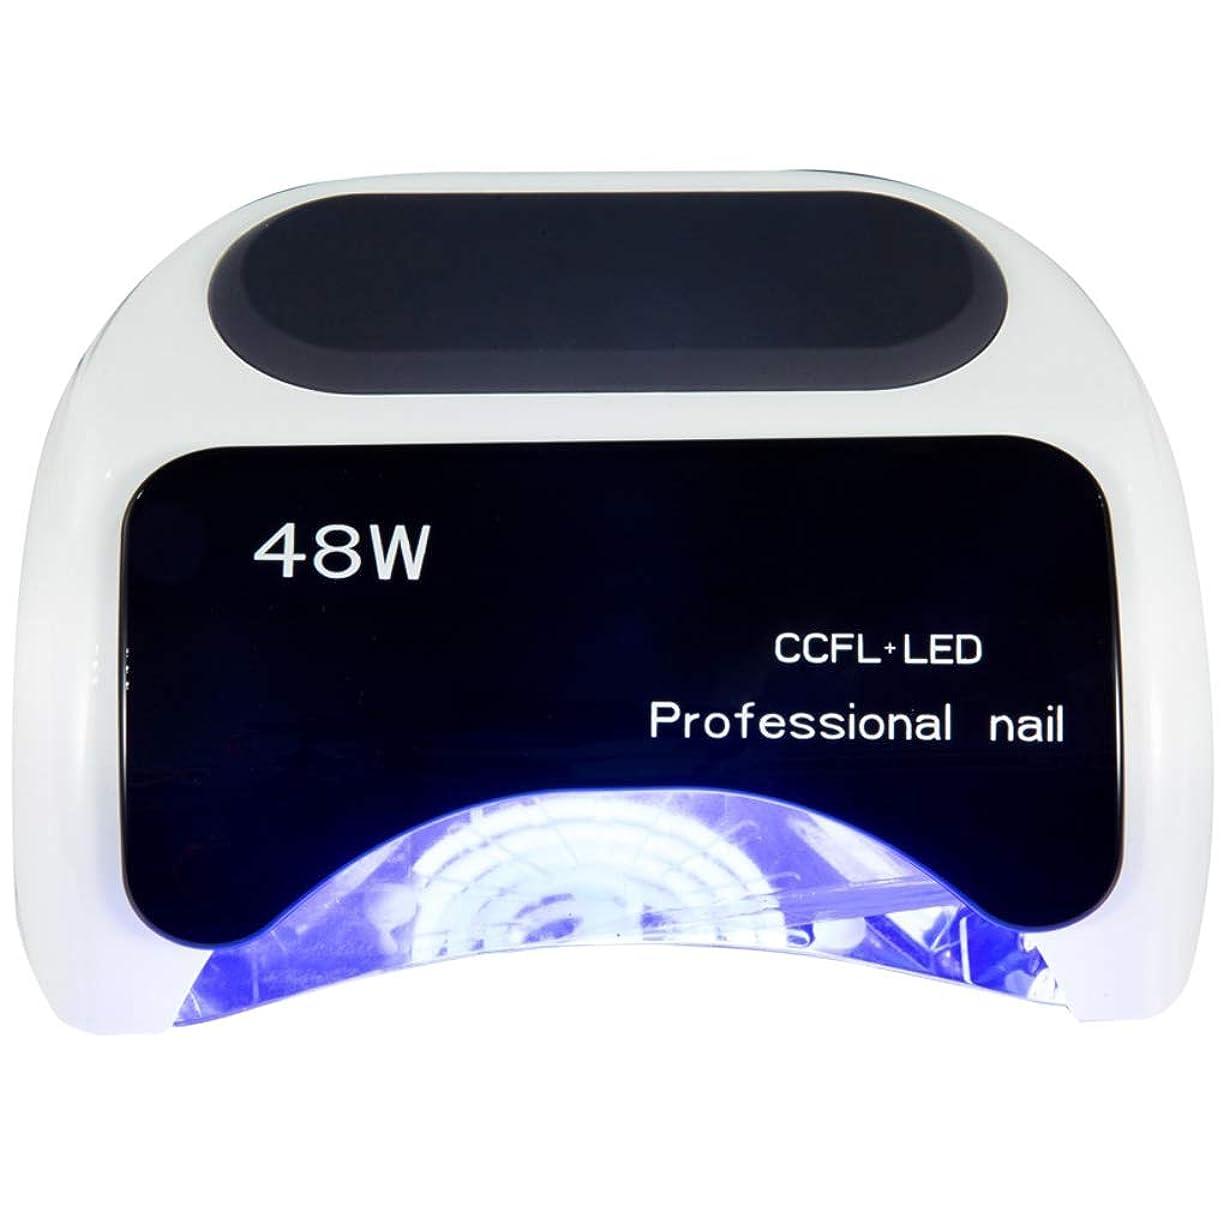 曲げるきょうだいただやるネイルドライヤー光線療法焼きランプ48W硬化LEDゲル、マニキュア光線療法用接着剤、延長接着剤、ゲル用 (色 : A)